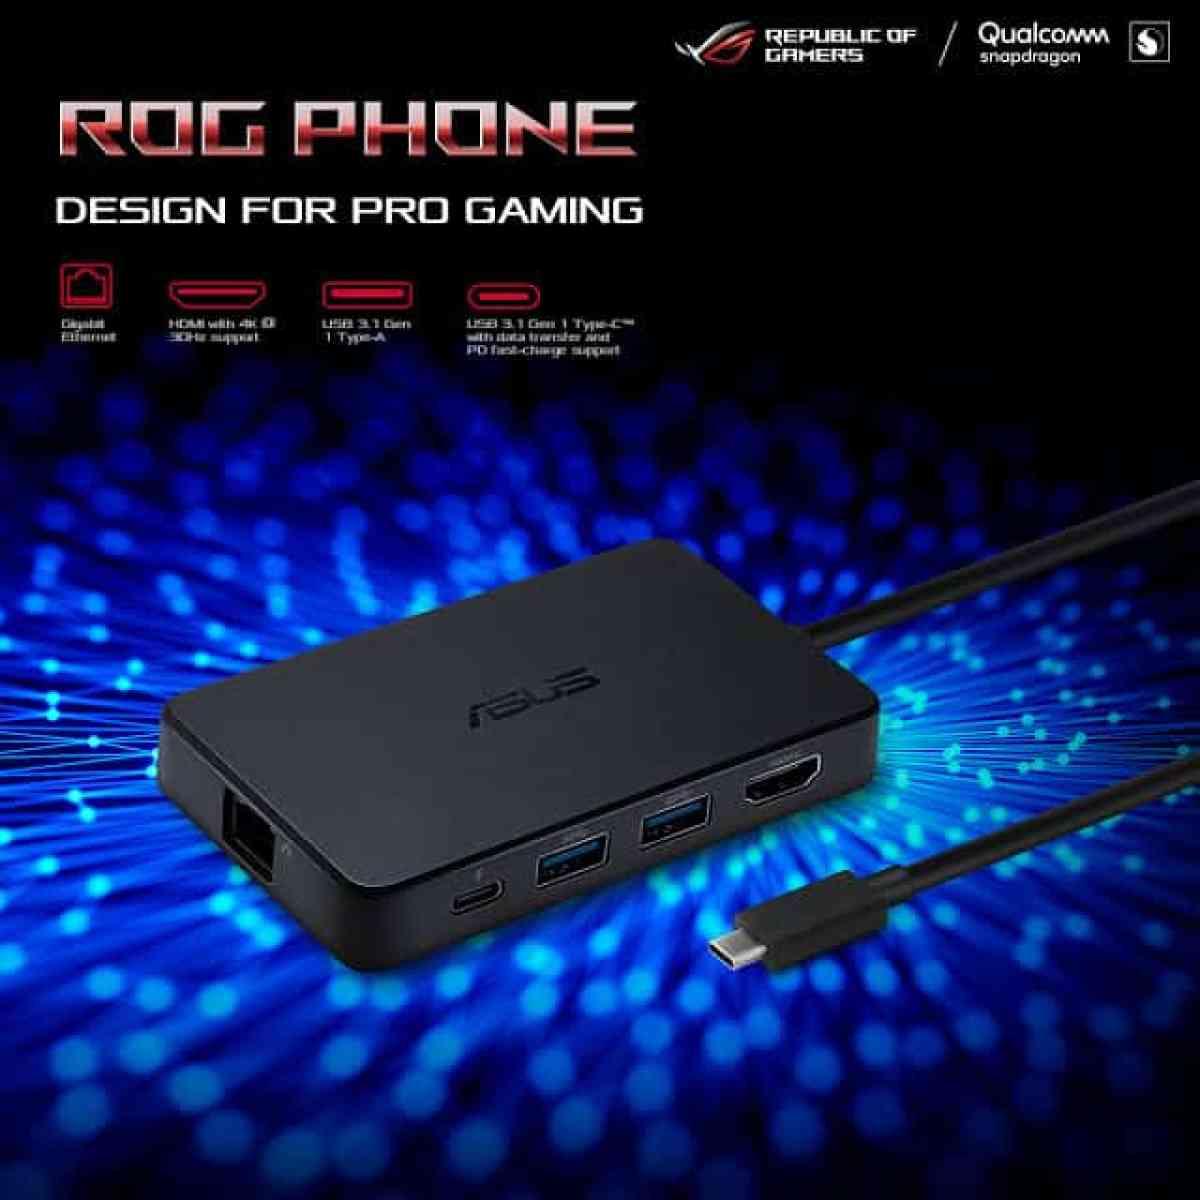 - ProfessionalDock 1 - ASUS เปิดตัว ROG Phone ครั้งแรกในไทย!  แนะนำสุดยอดเกมมิ่งสมาร์ทโฟนที่แรงที่สุดในโลก